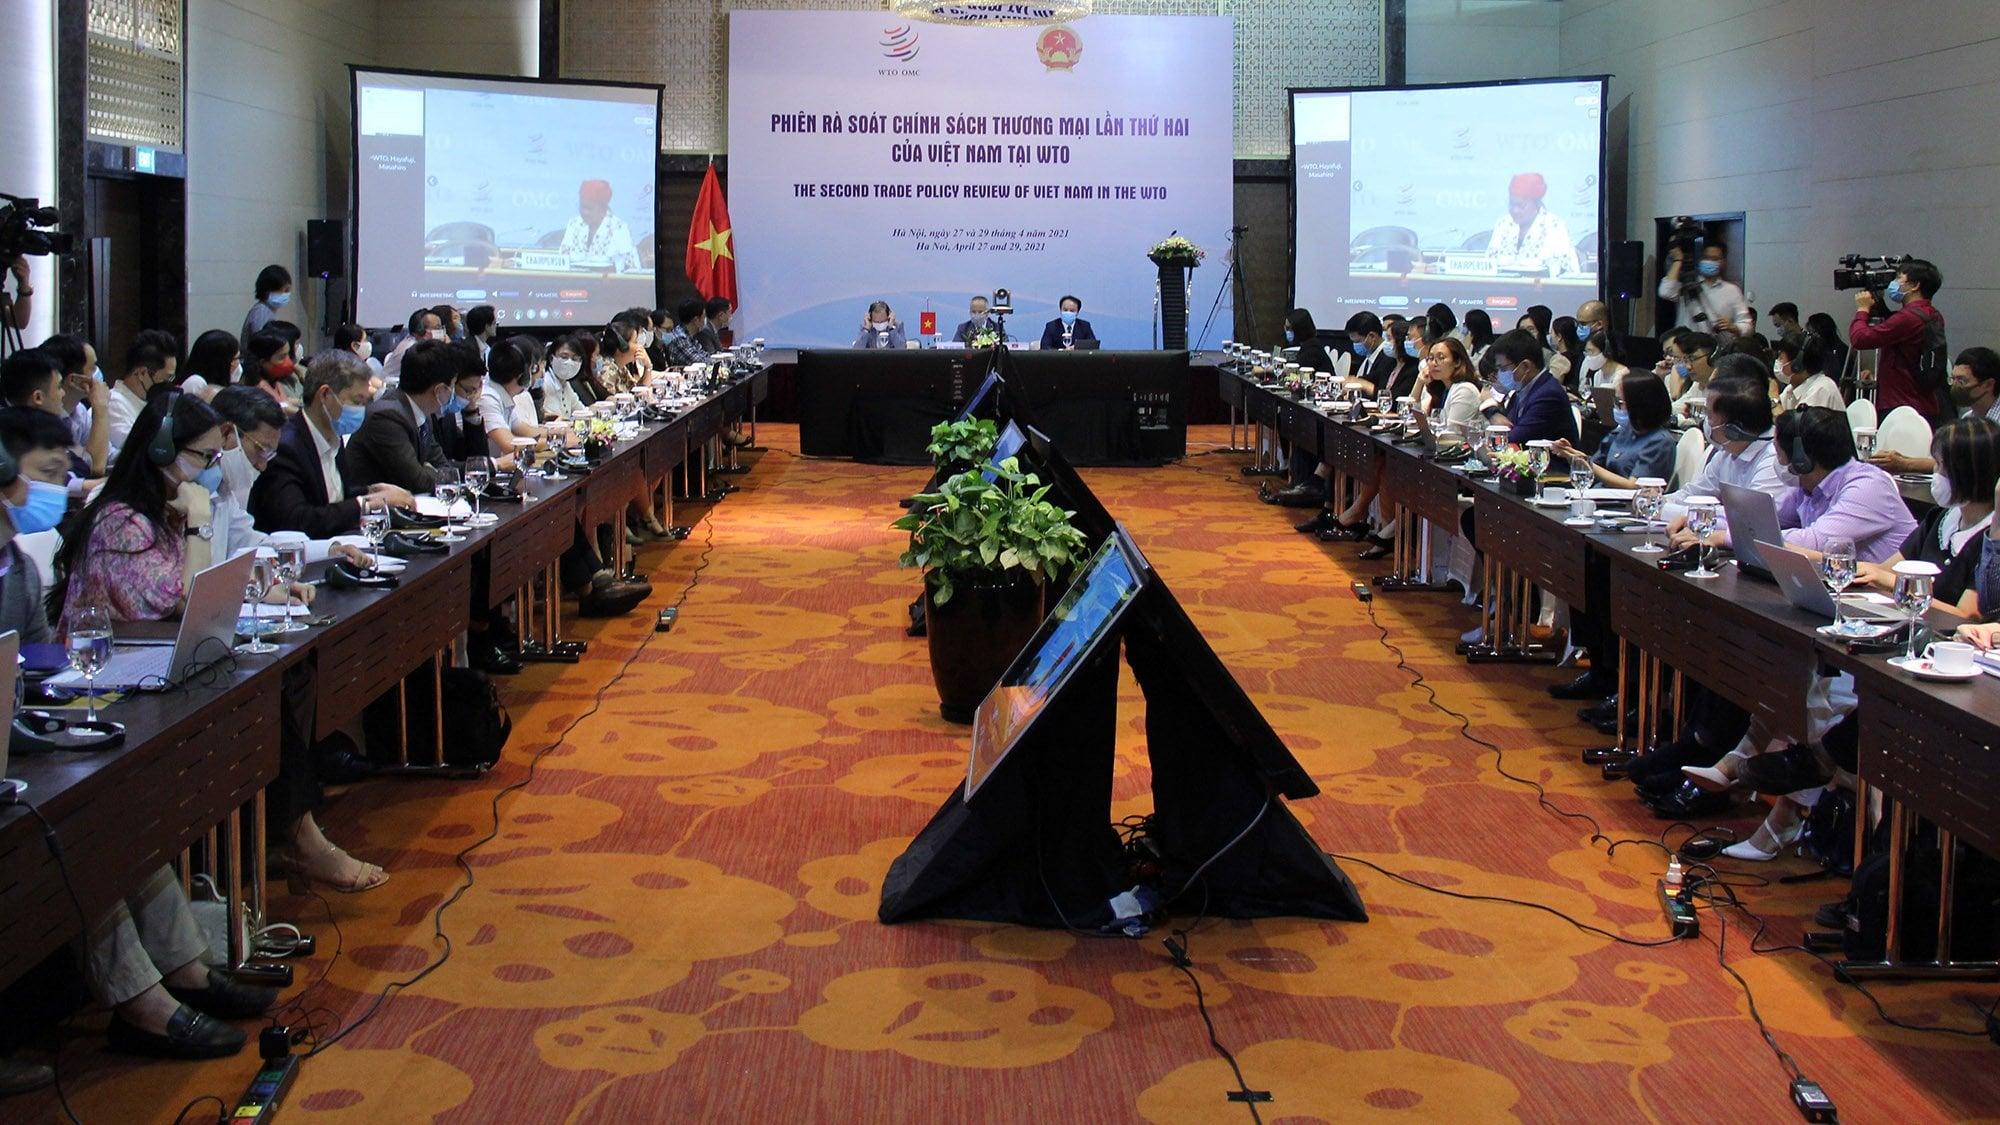 Việt Nam tổ chức thành công Phiên rà soát Chính sách thương mại lần thứ hai tại WTO